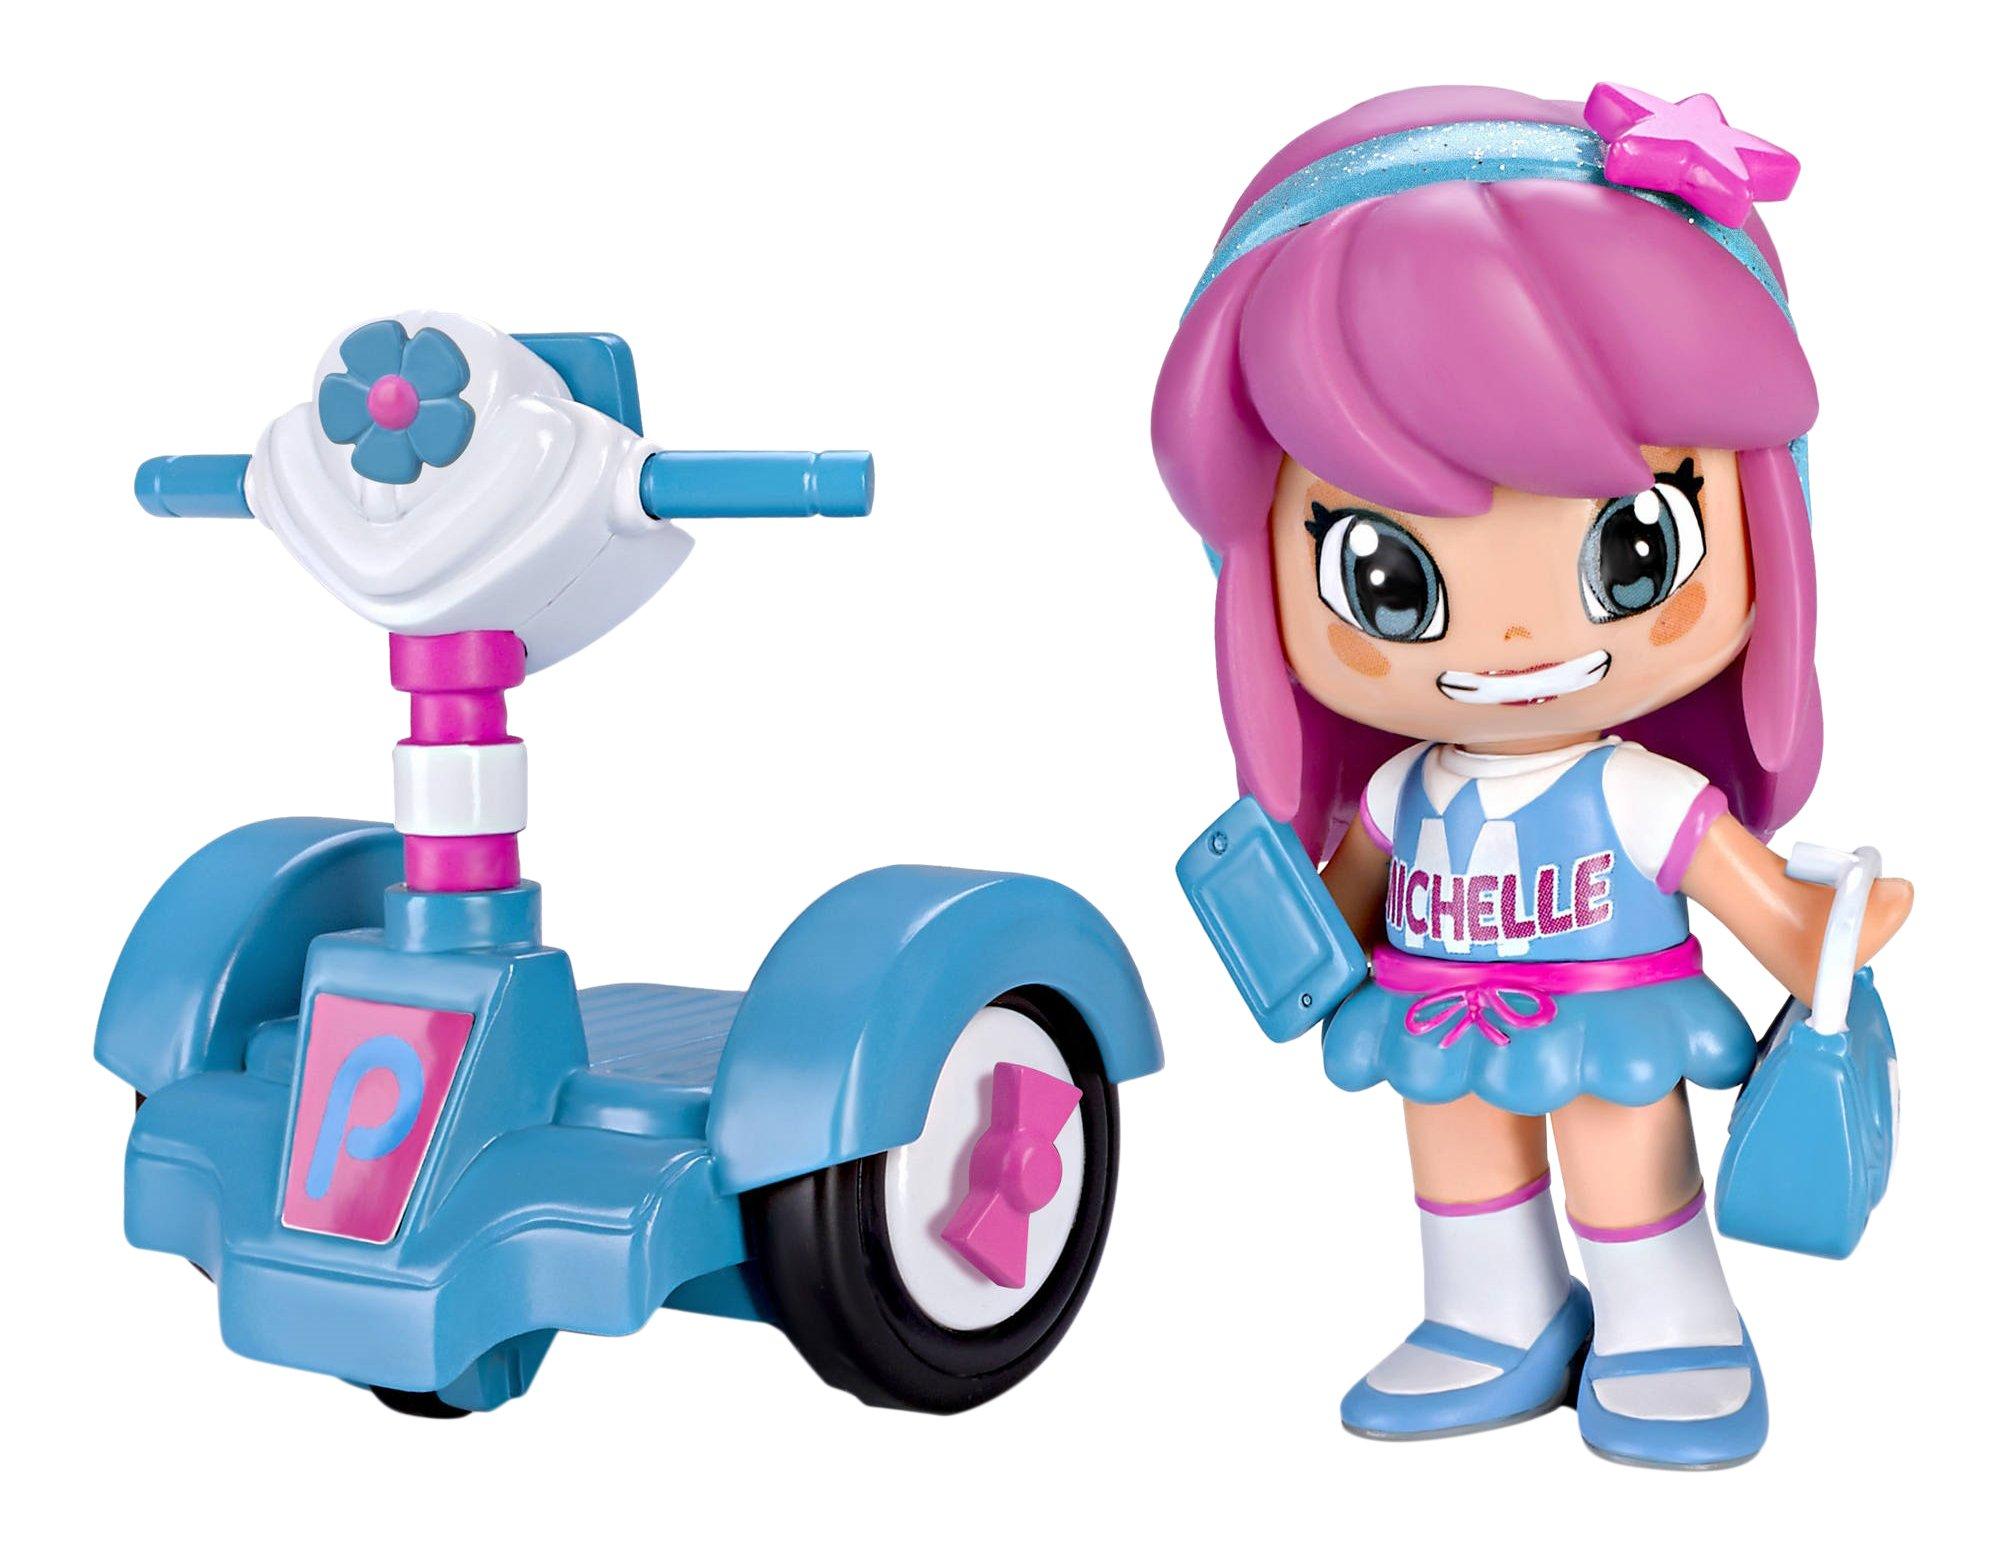 Amazon.es: Pinypon by PINY PINY - Dareway Michelle, muñeca con accesorios (Famosa 700012963): Juguetes y juegos